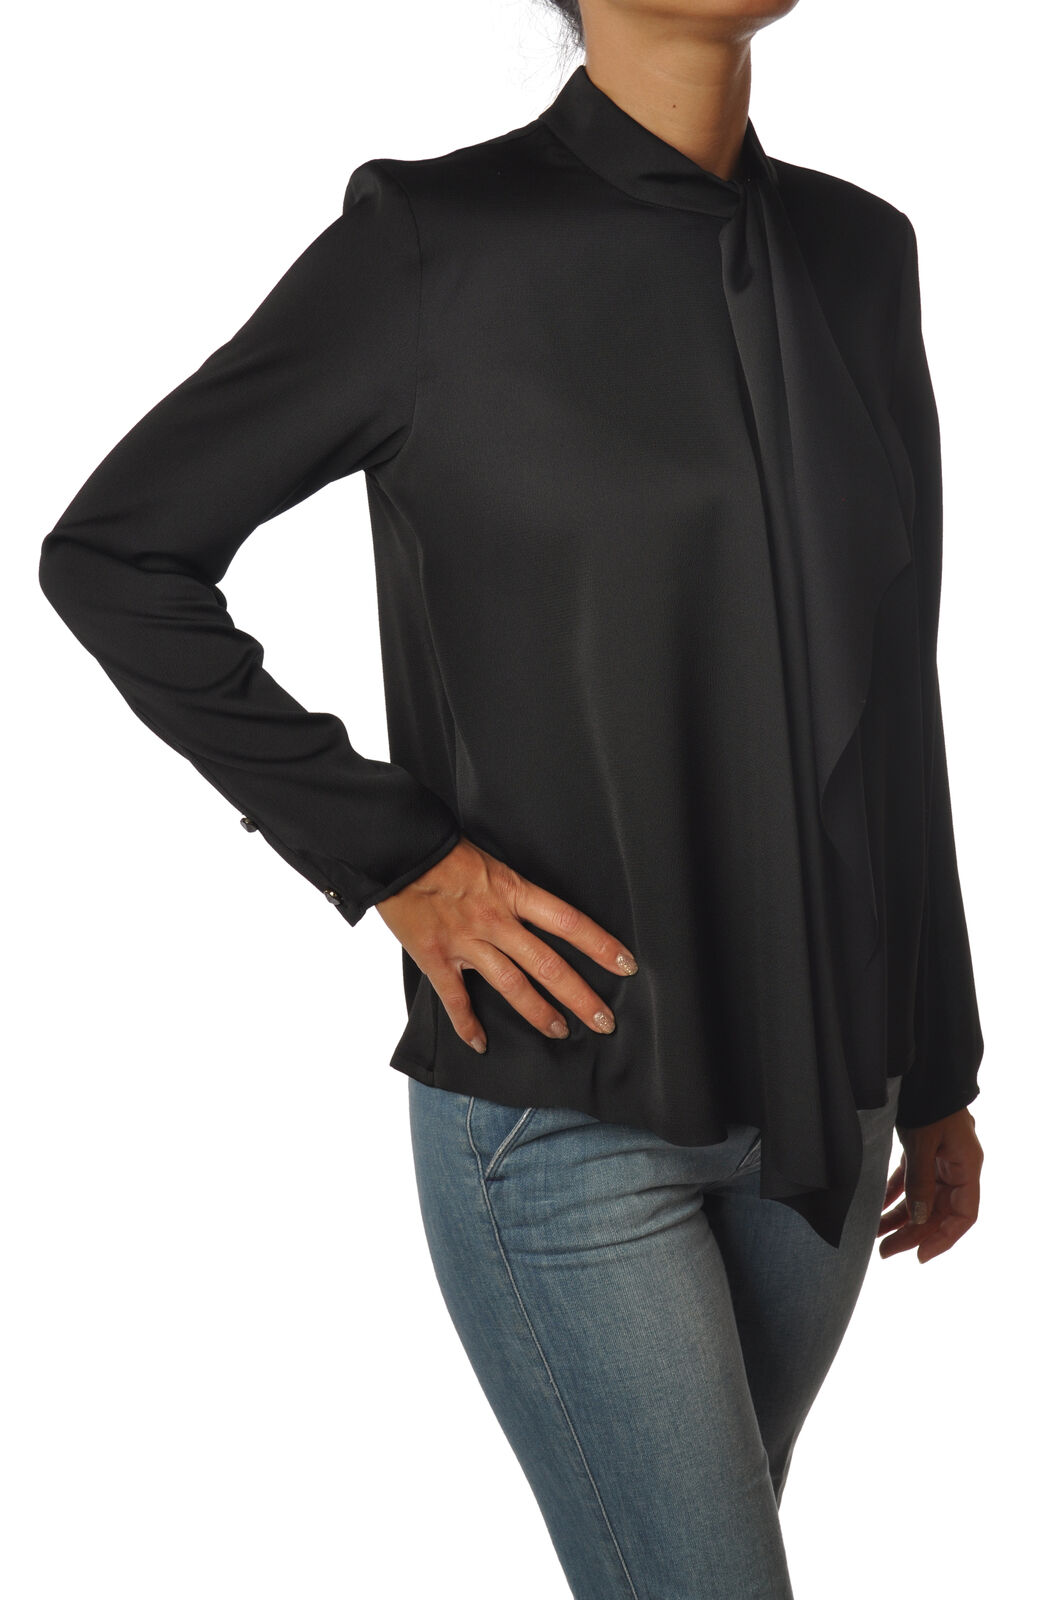 Rame - Shirts-Blouses - Woman - schwarz - 5514906C191441